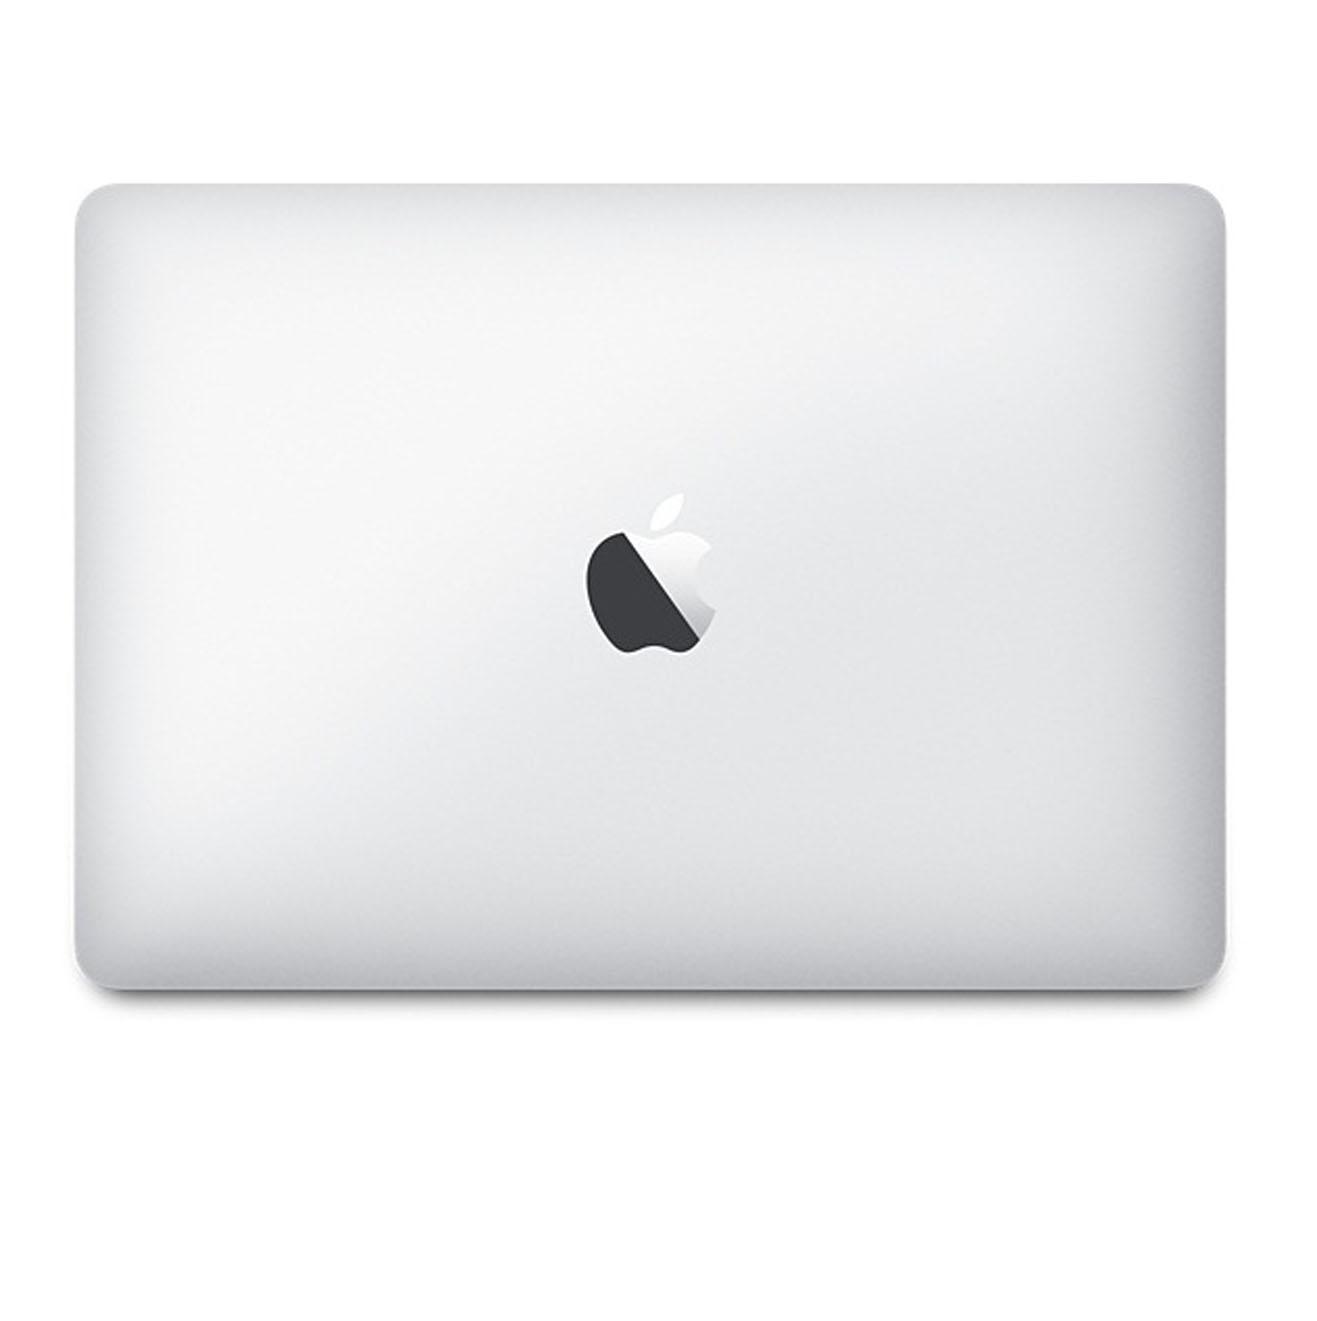 Apple Macbook Mlha2 256gb 2016 Core M3 6y30 8gb Ssd Mmgm2 120inch